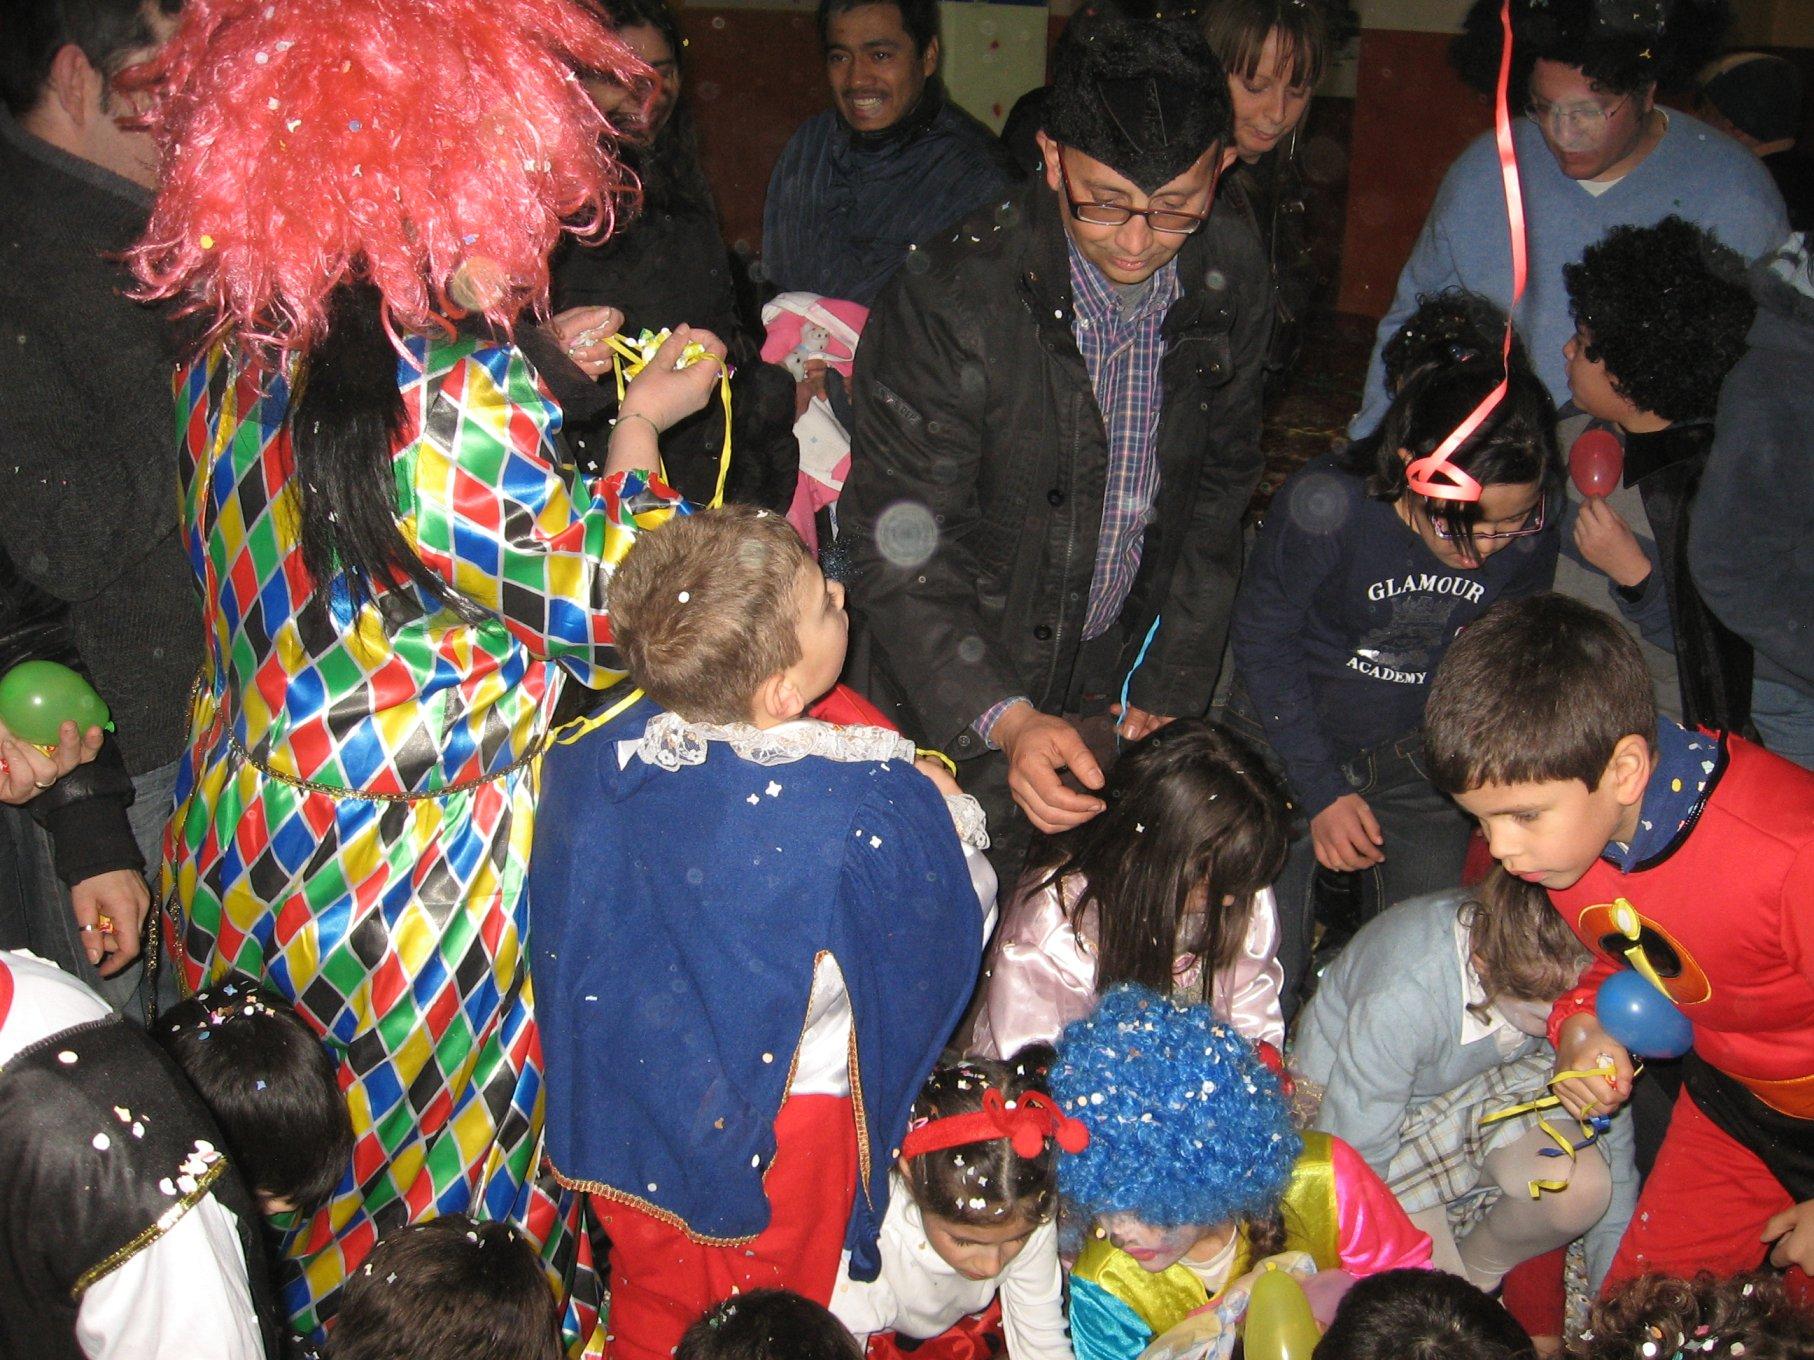 Pentolaccia-2009-02-22--17.35.09.jpg